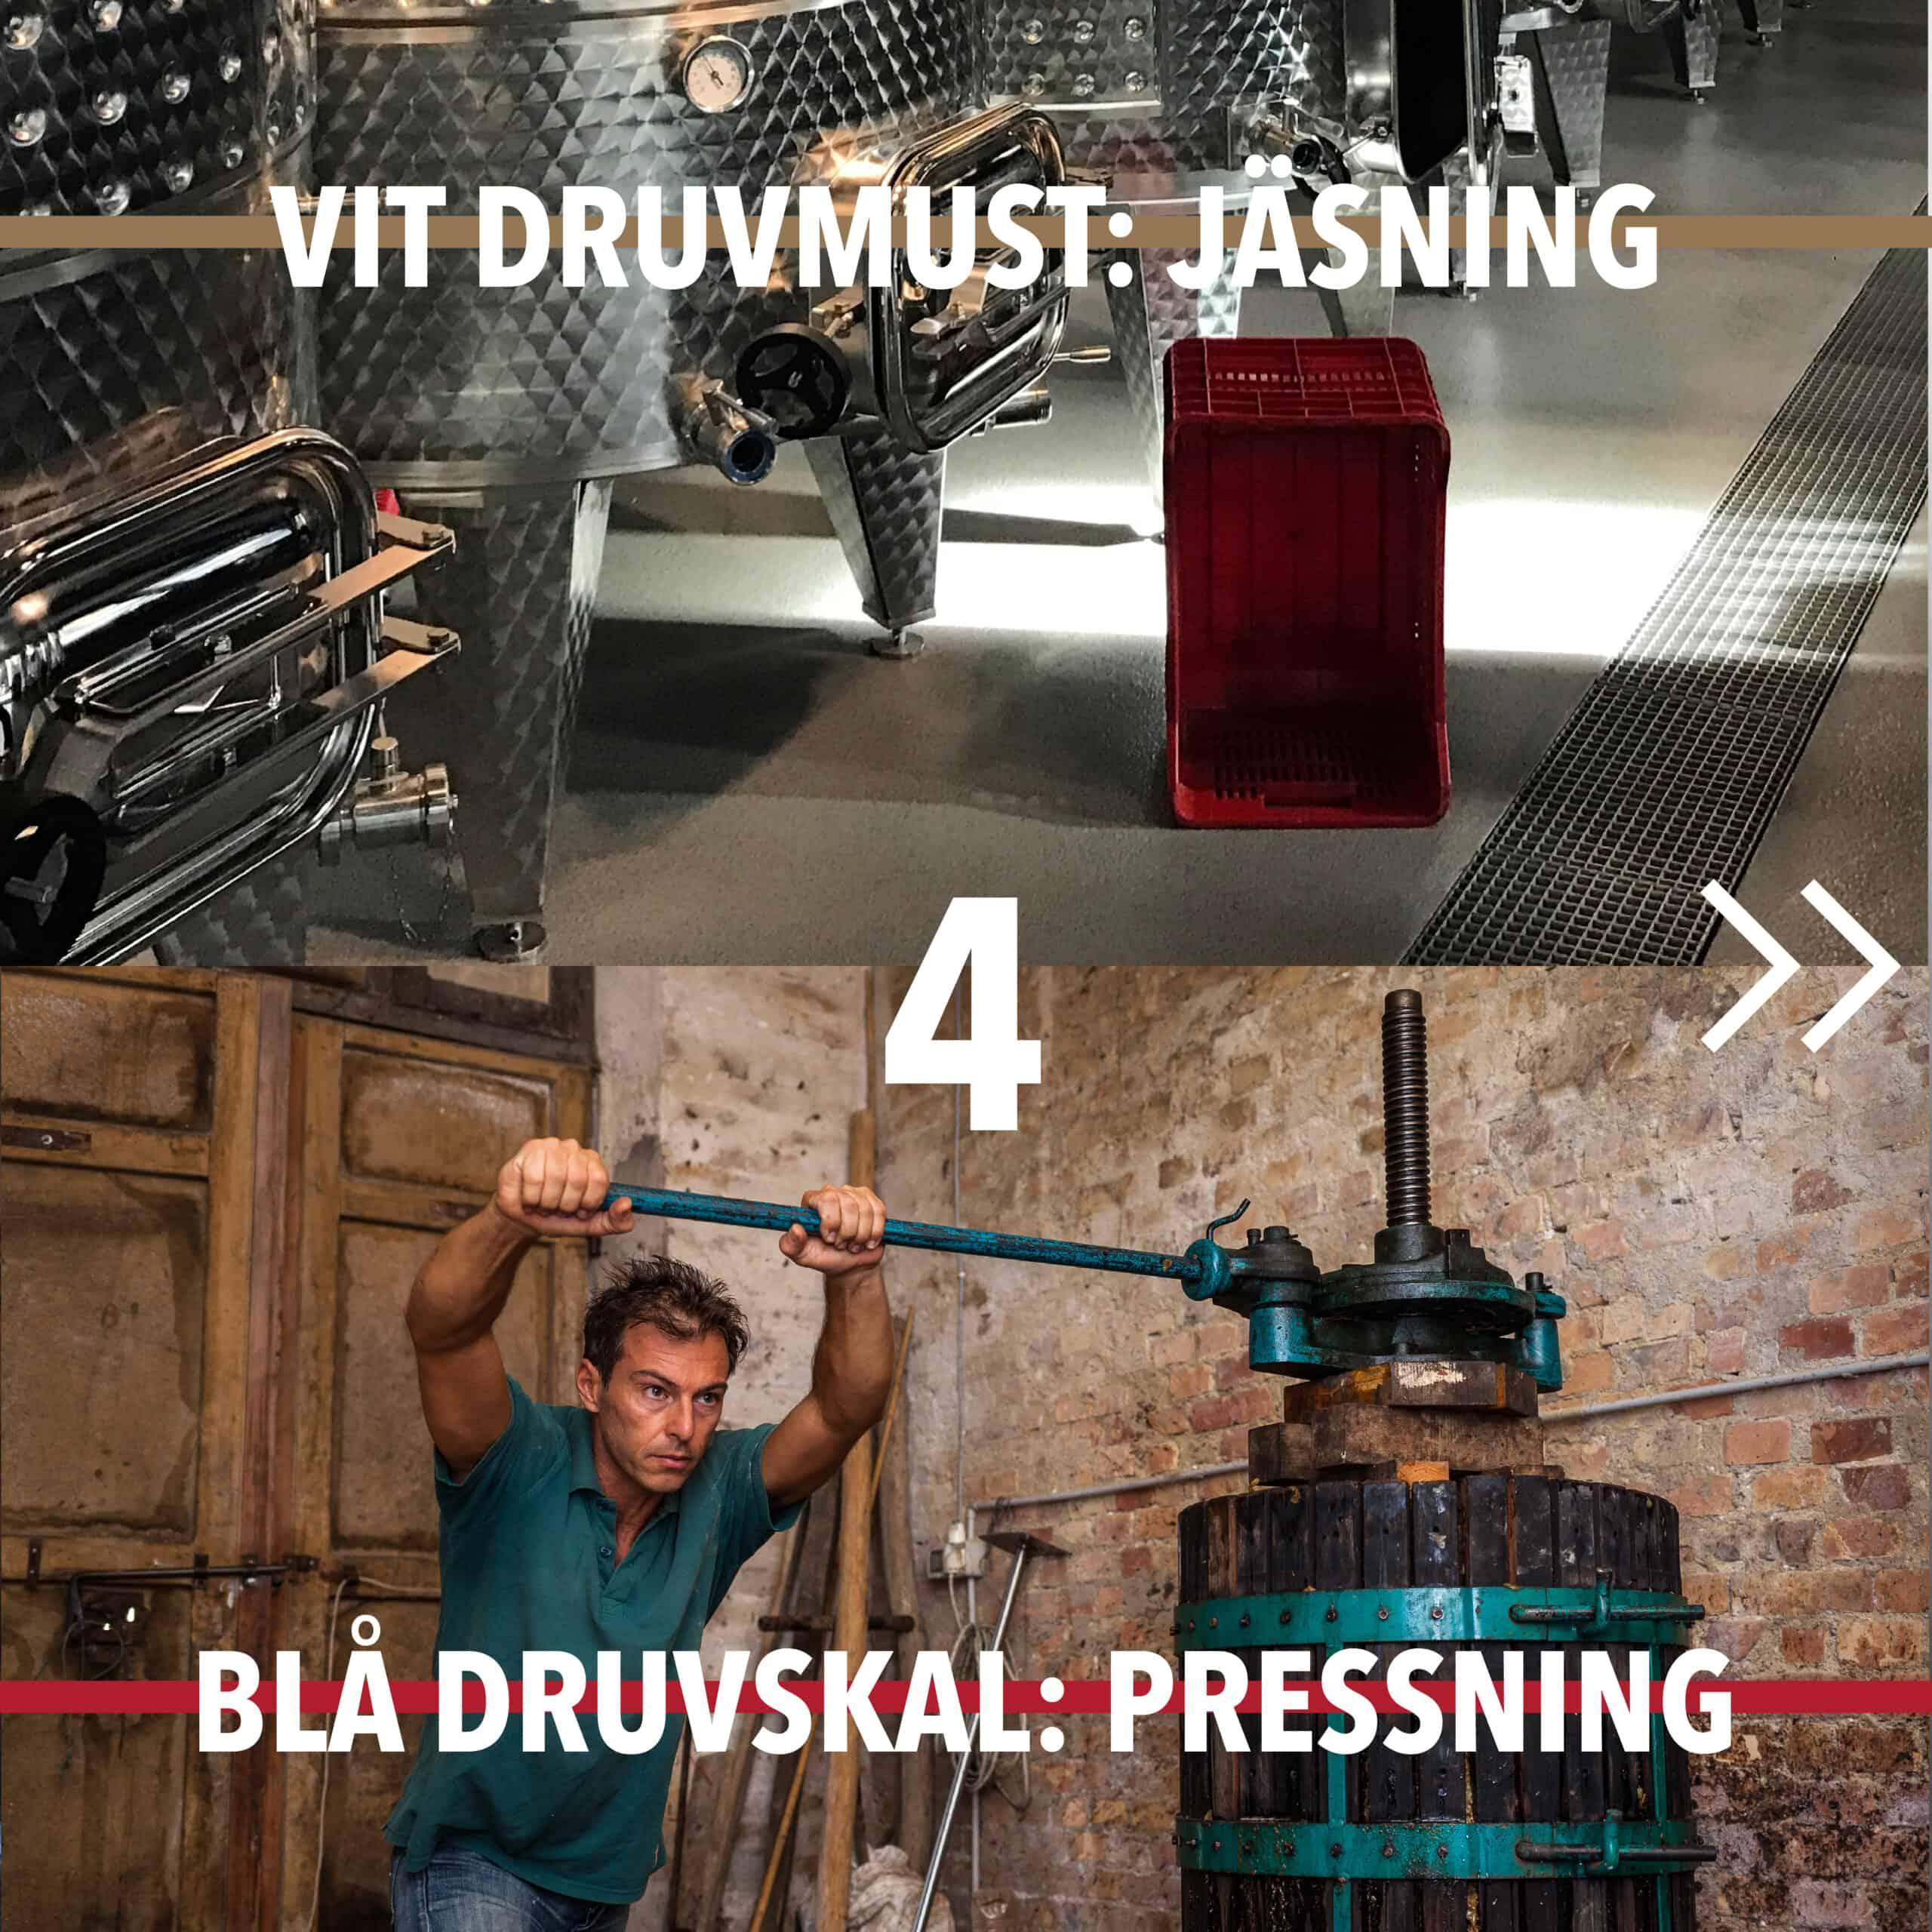 Vintillverkning guide hungry wines: jäsning pressning